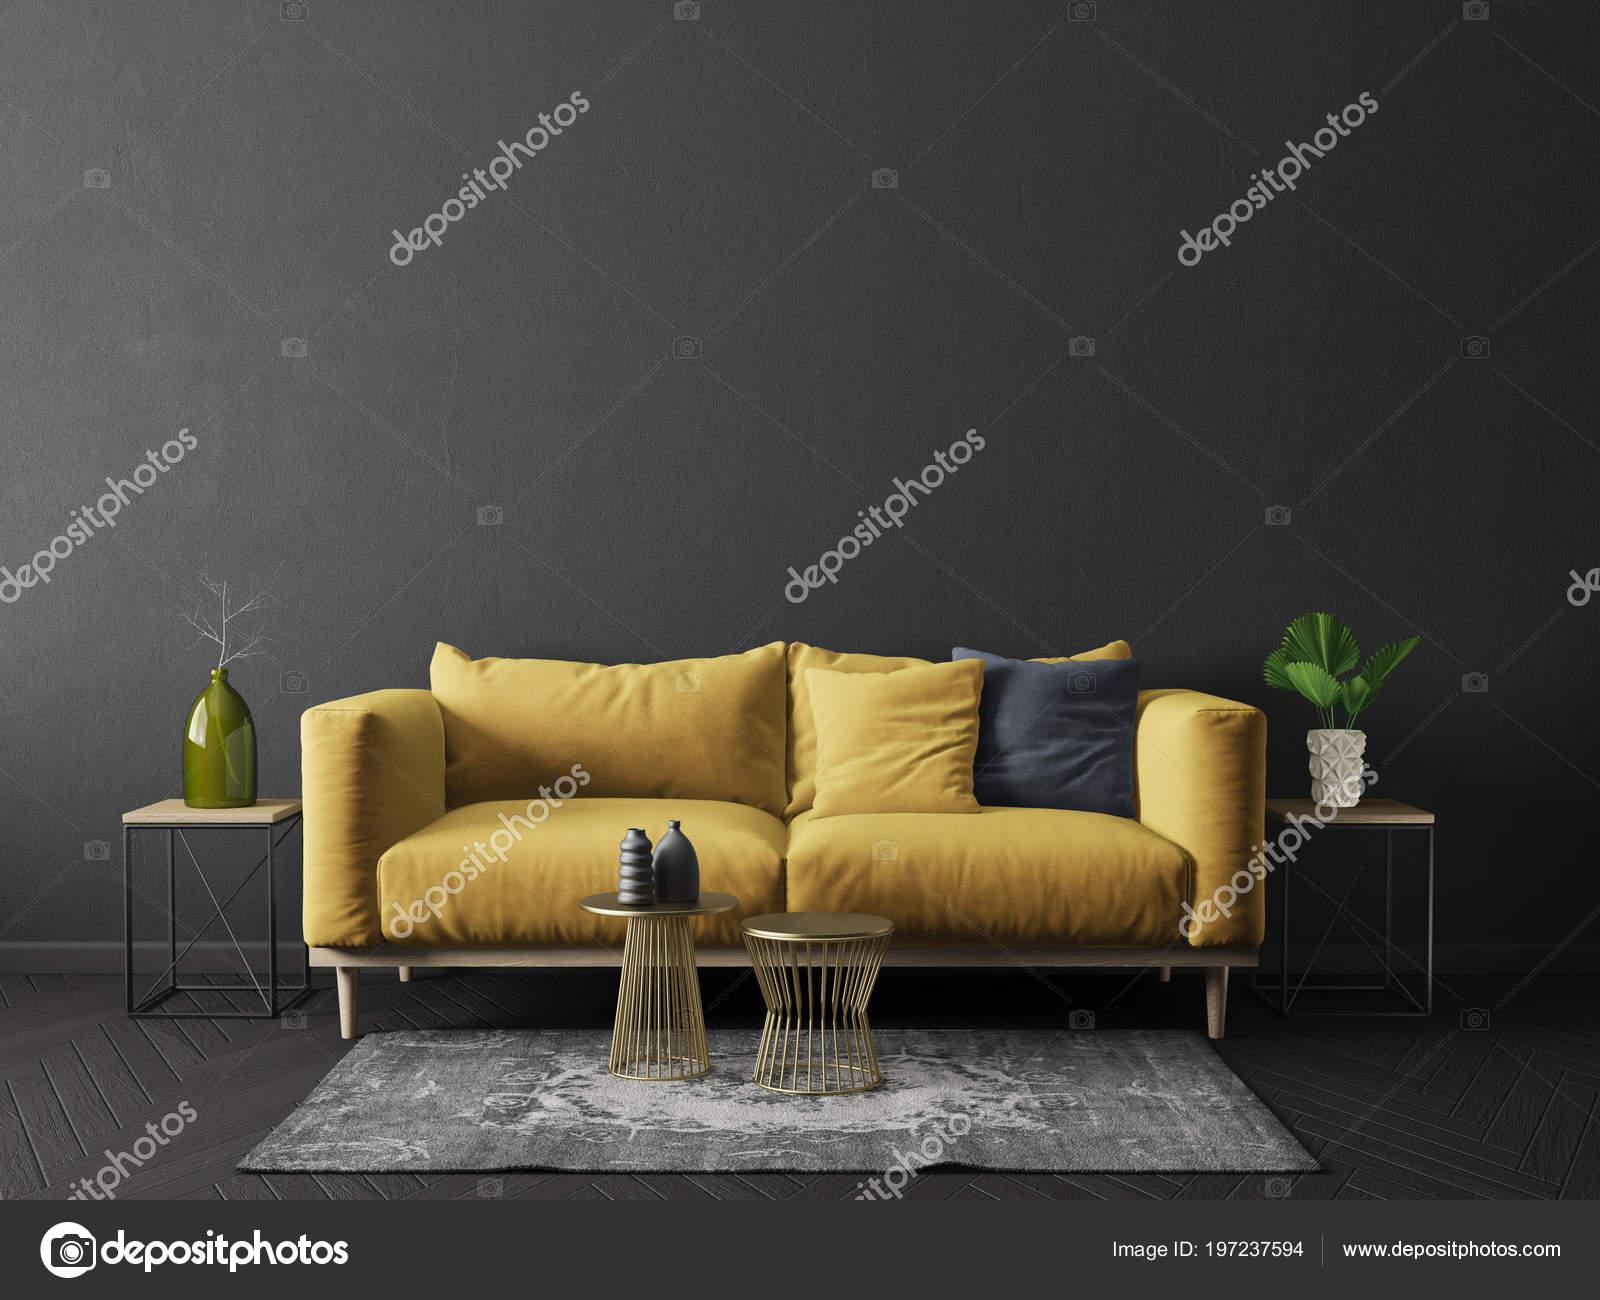 Modernes Wohnzimmer Mit Gelben Sofa Schwarzen Raum Skandinavische  Innenarchitektur Möbel U2014 Stockfoto